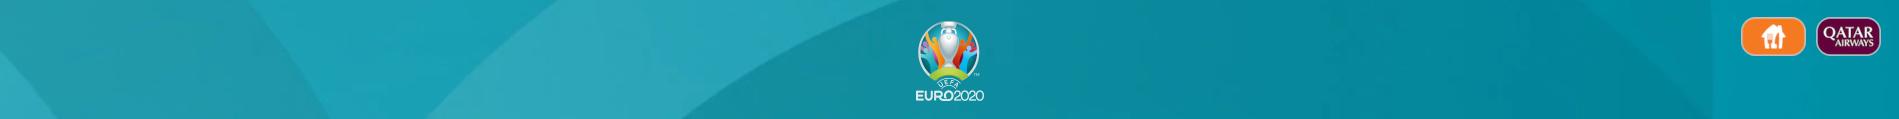 EM FOdbold 2021